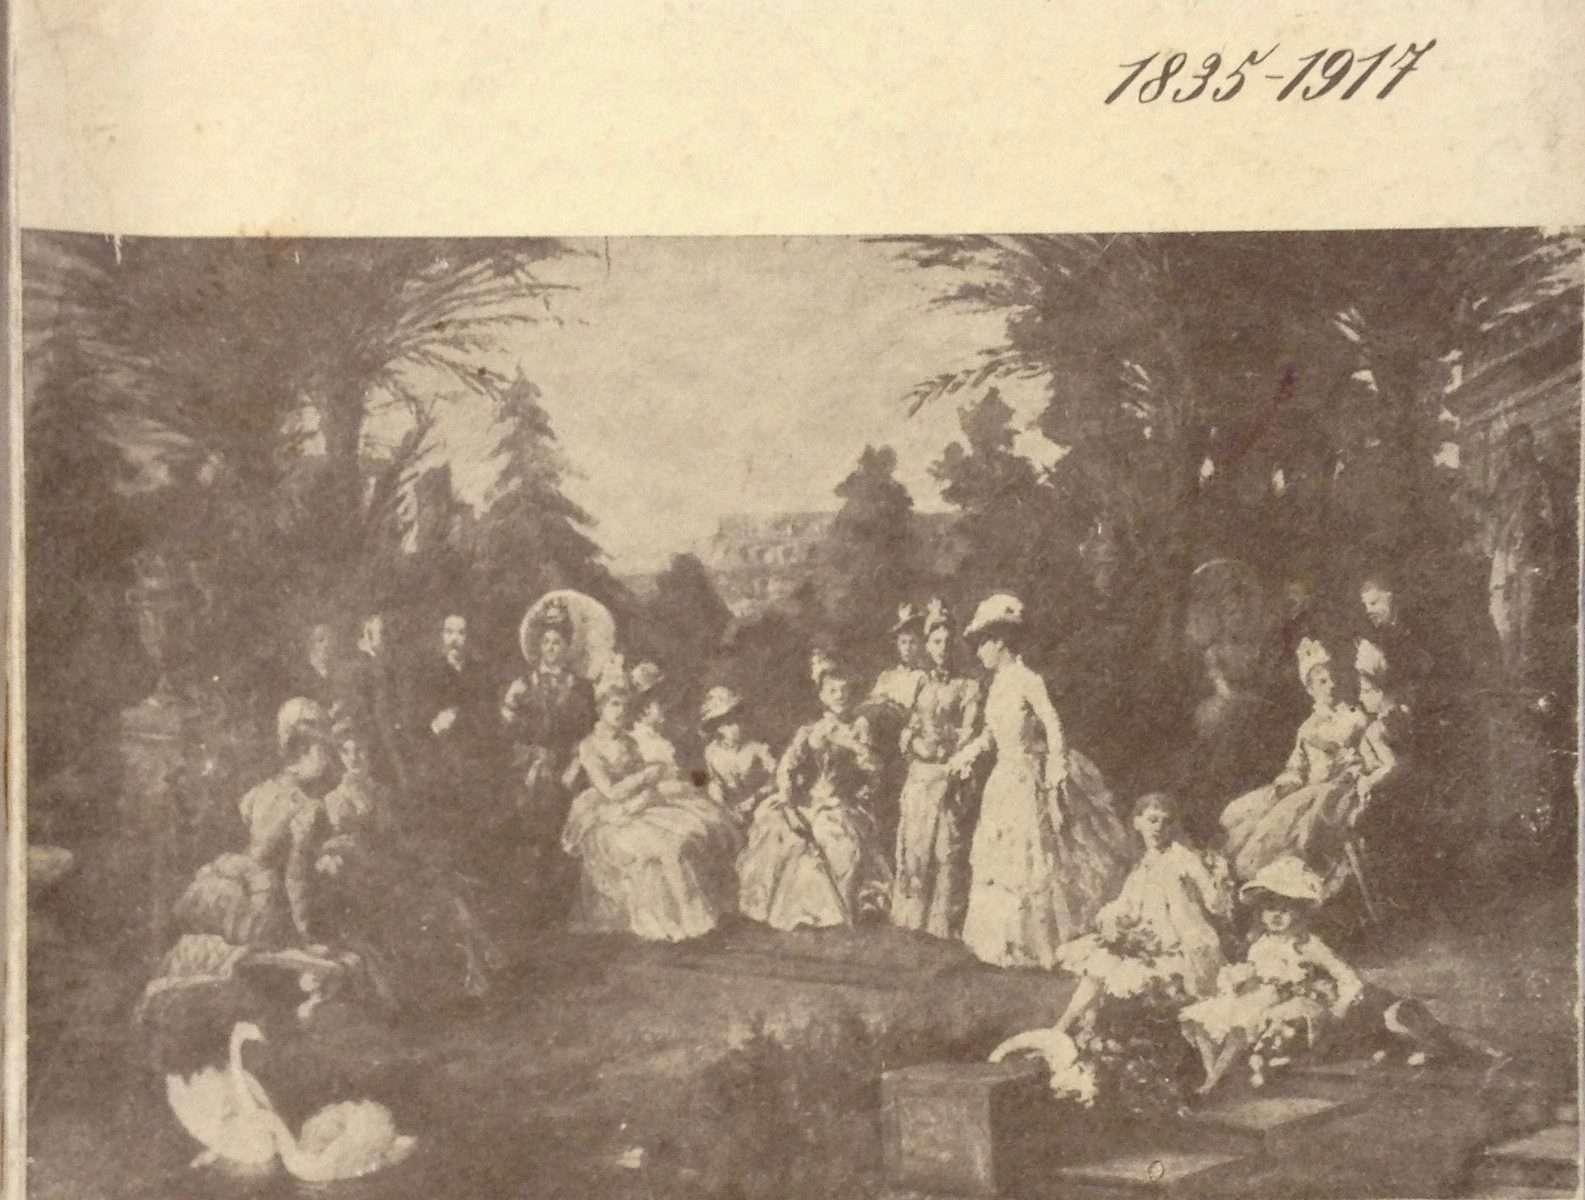 FRANCESCO GAI <BR/>Artista romano 1835-1917